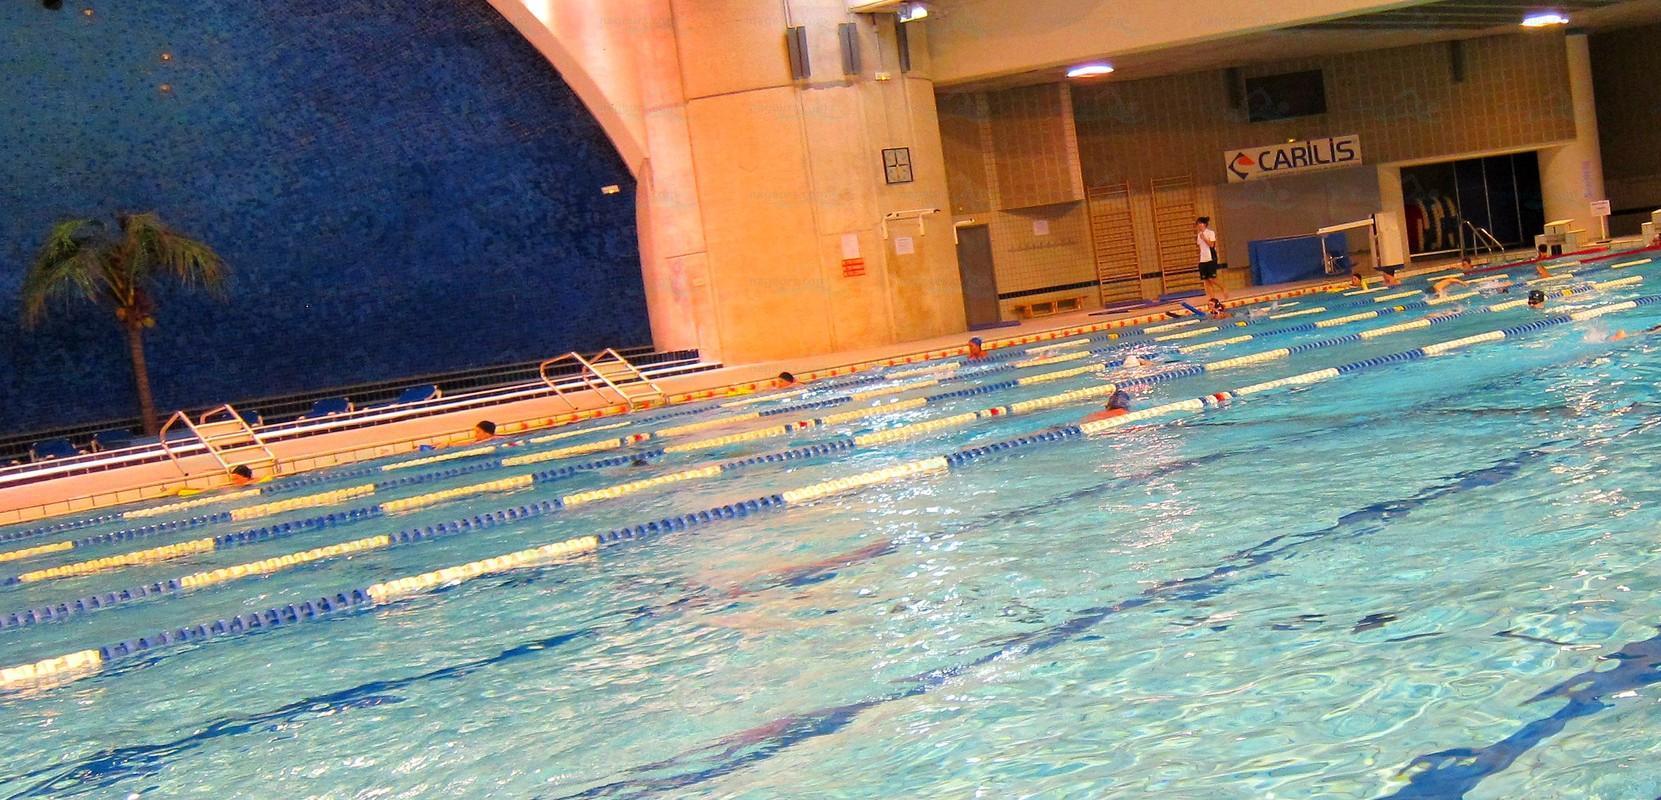 Piscines france ile de france les piscines paris 75 for Piscine des halles